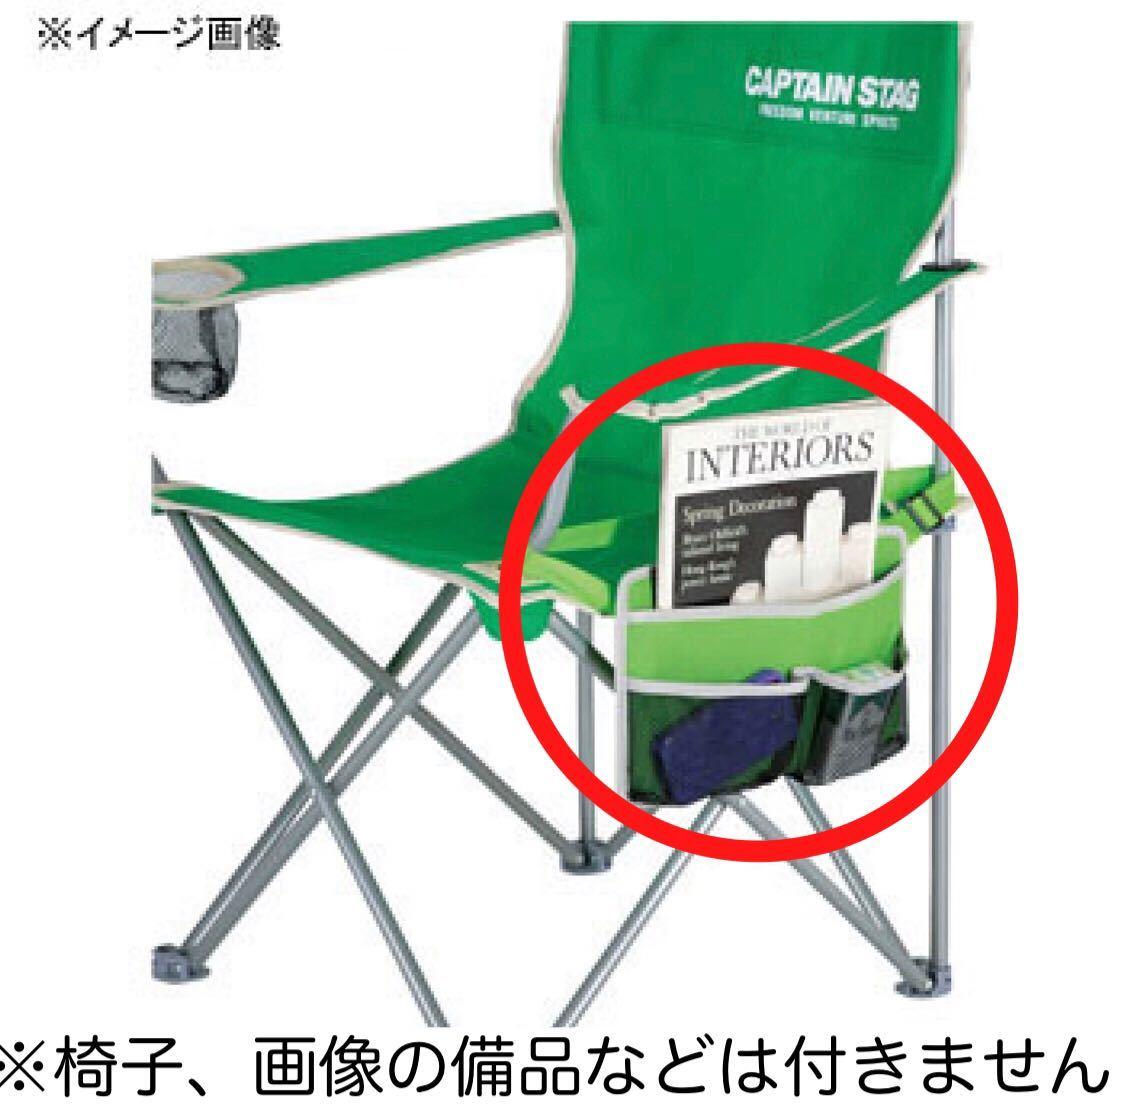 キャンプ用品 椅子/チェア用サイドポケット グレー